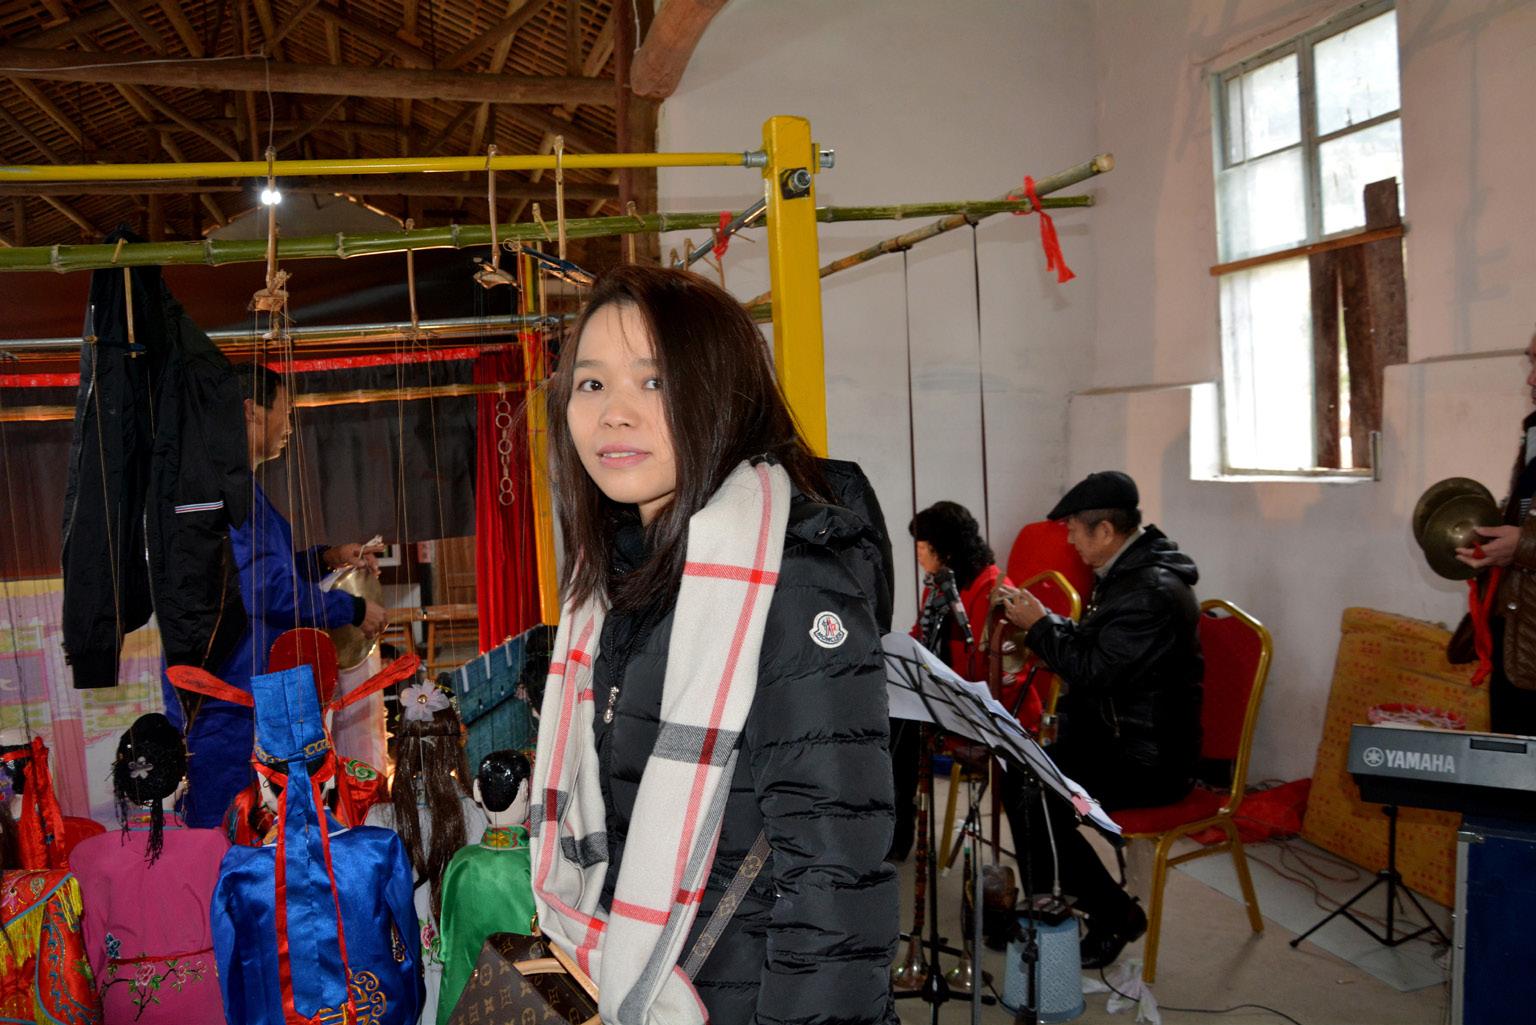 FIGURA 9. Fan Fan, barista cinese della provincia di Milano mentre osserva il backstage dello spettacolo di marionette a Fu'ao (foto: F. Serratore).